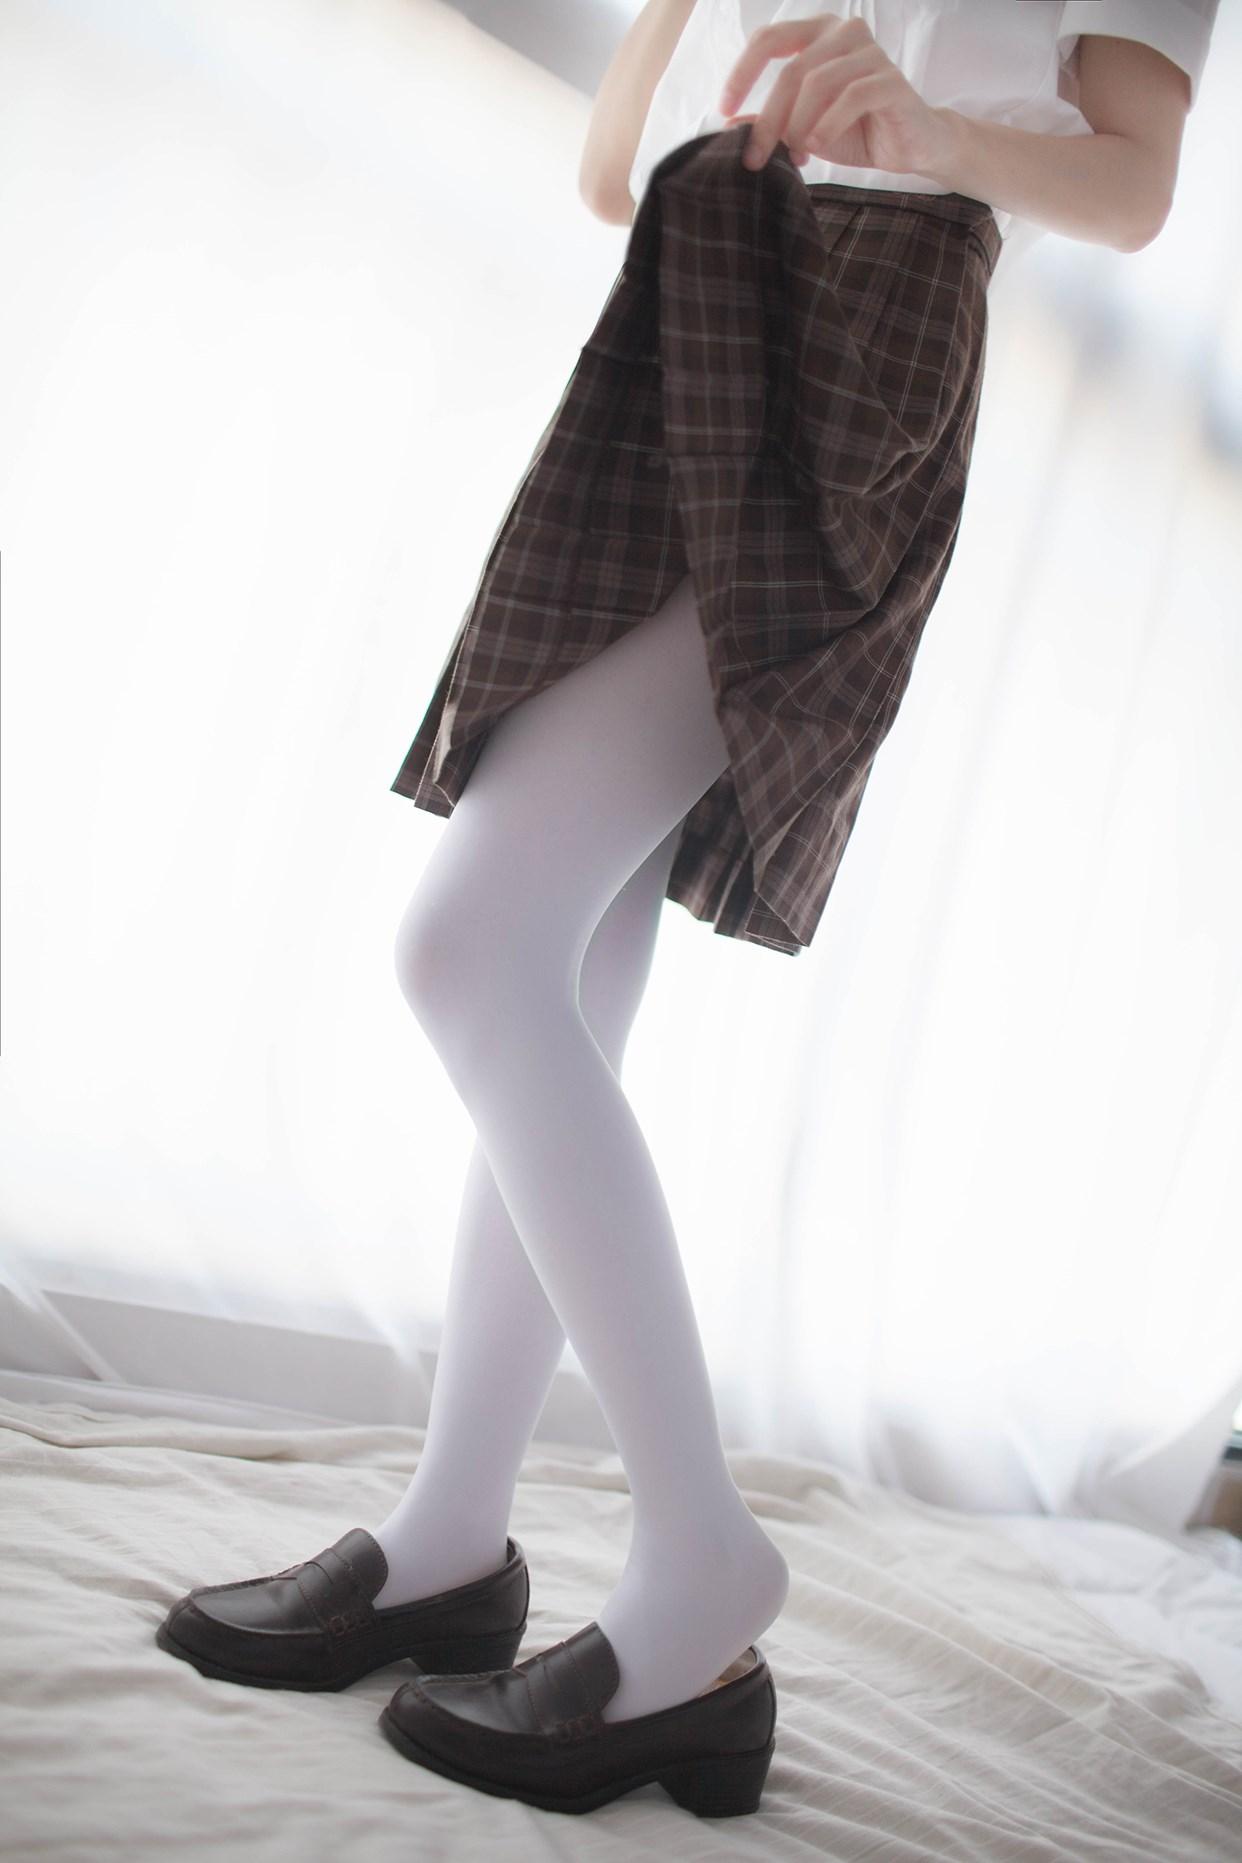 【兔玩映画】白丝少女 兔玩映画 第3张